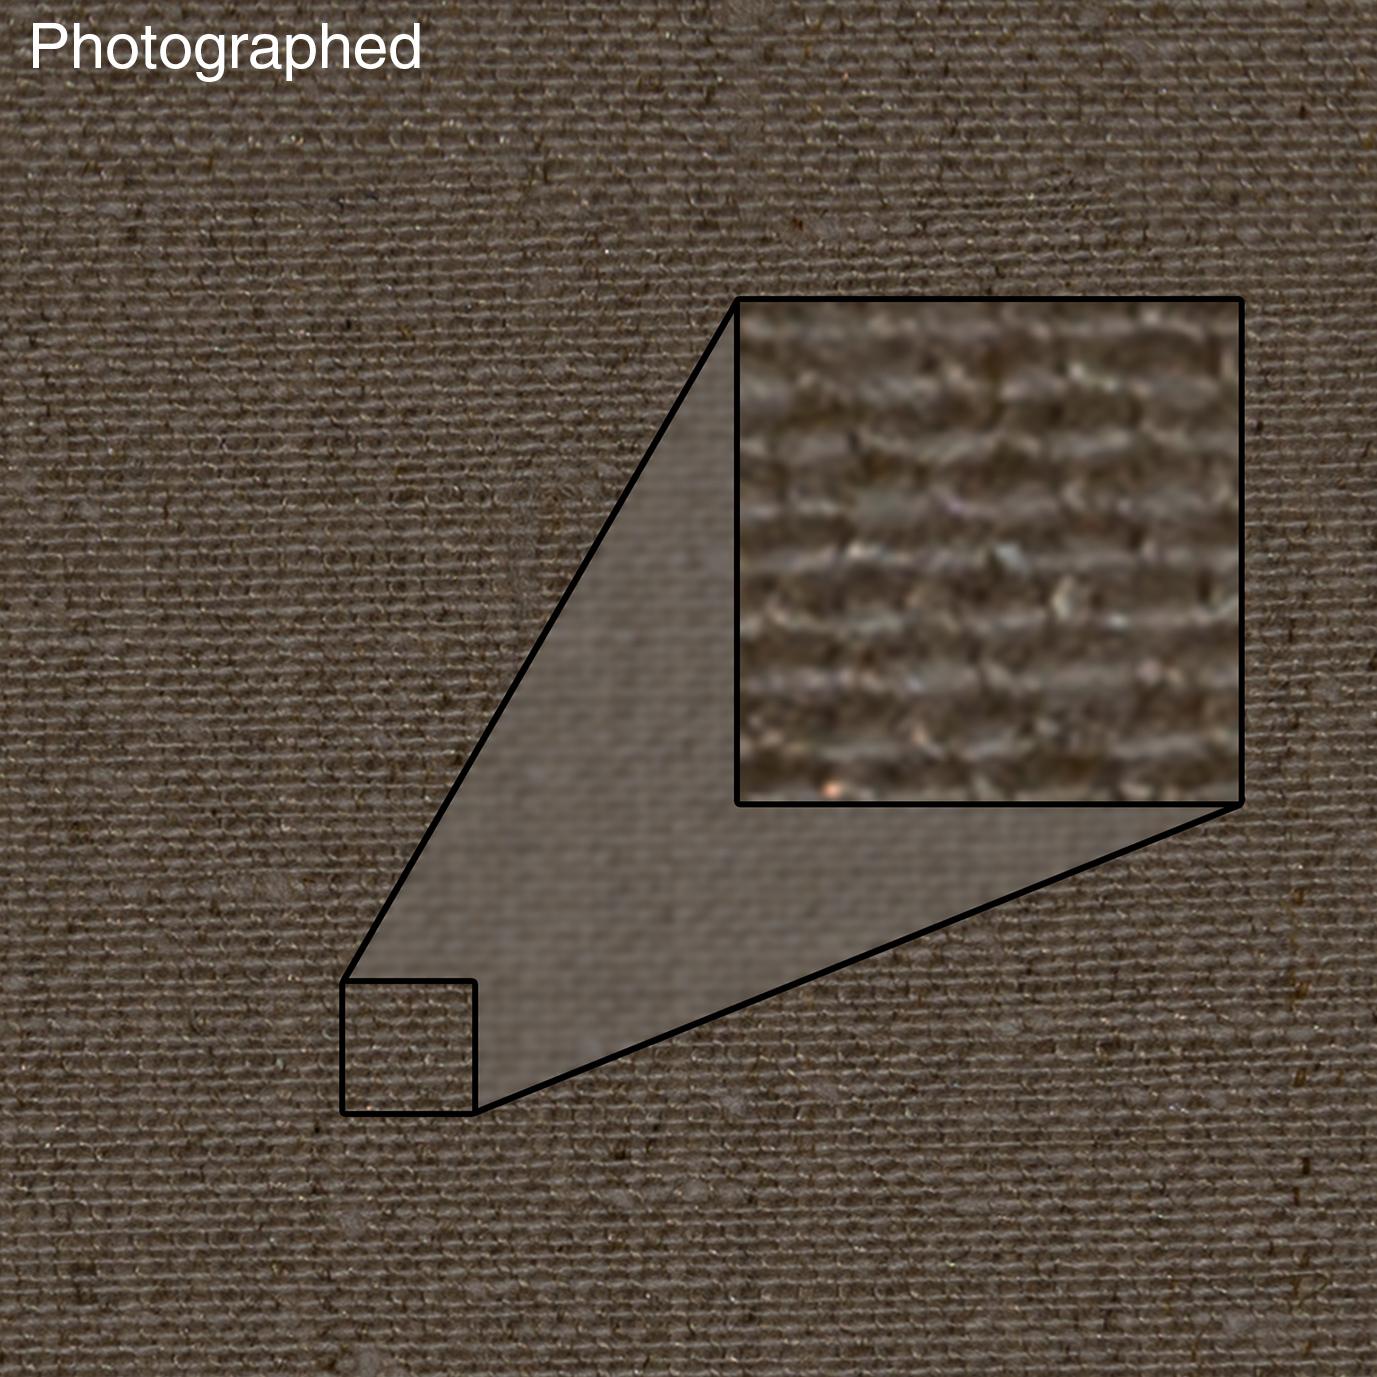 BlurryThreads2.jpg